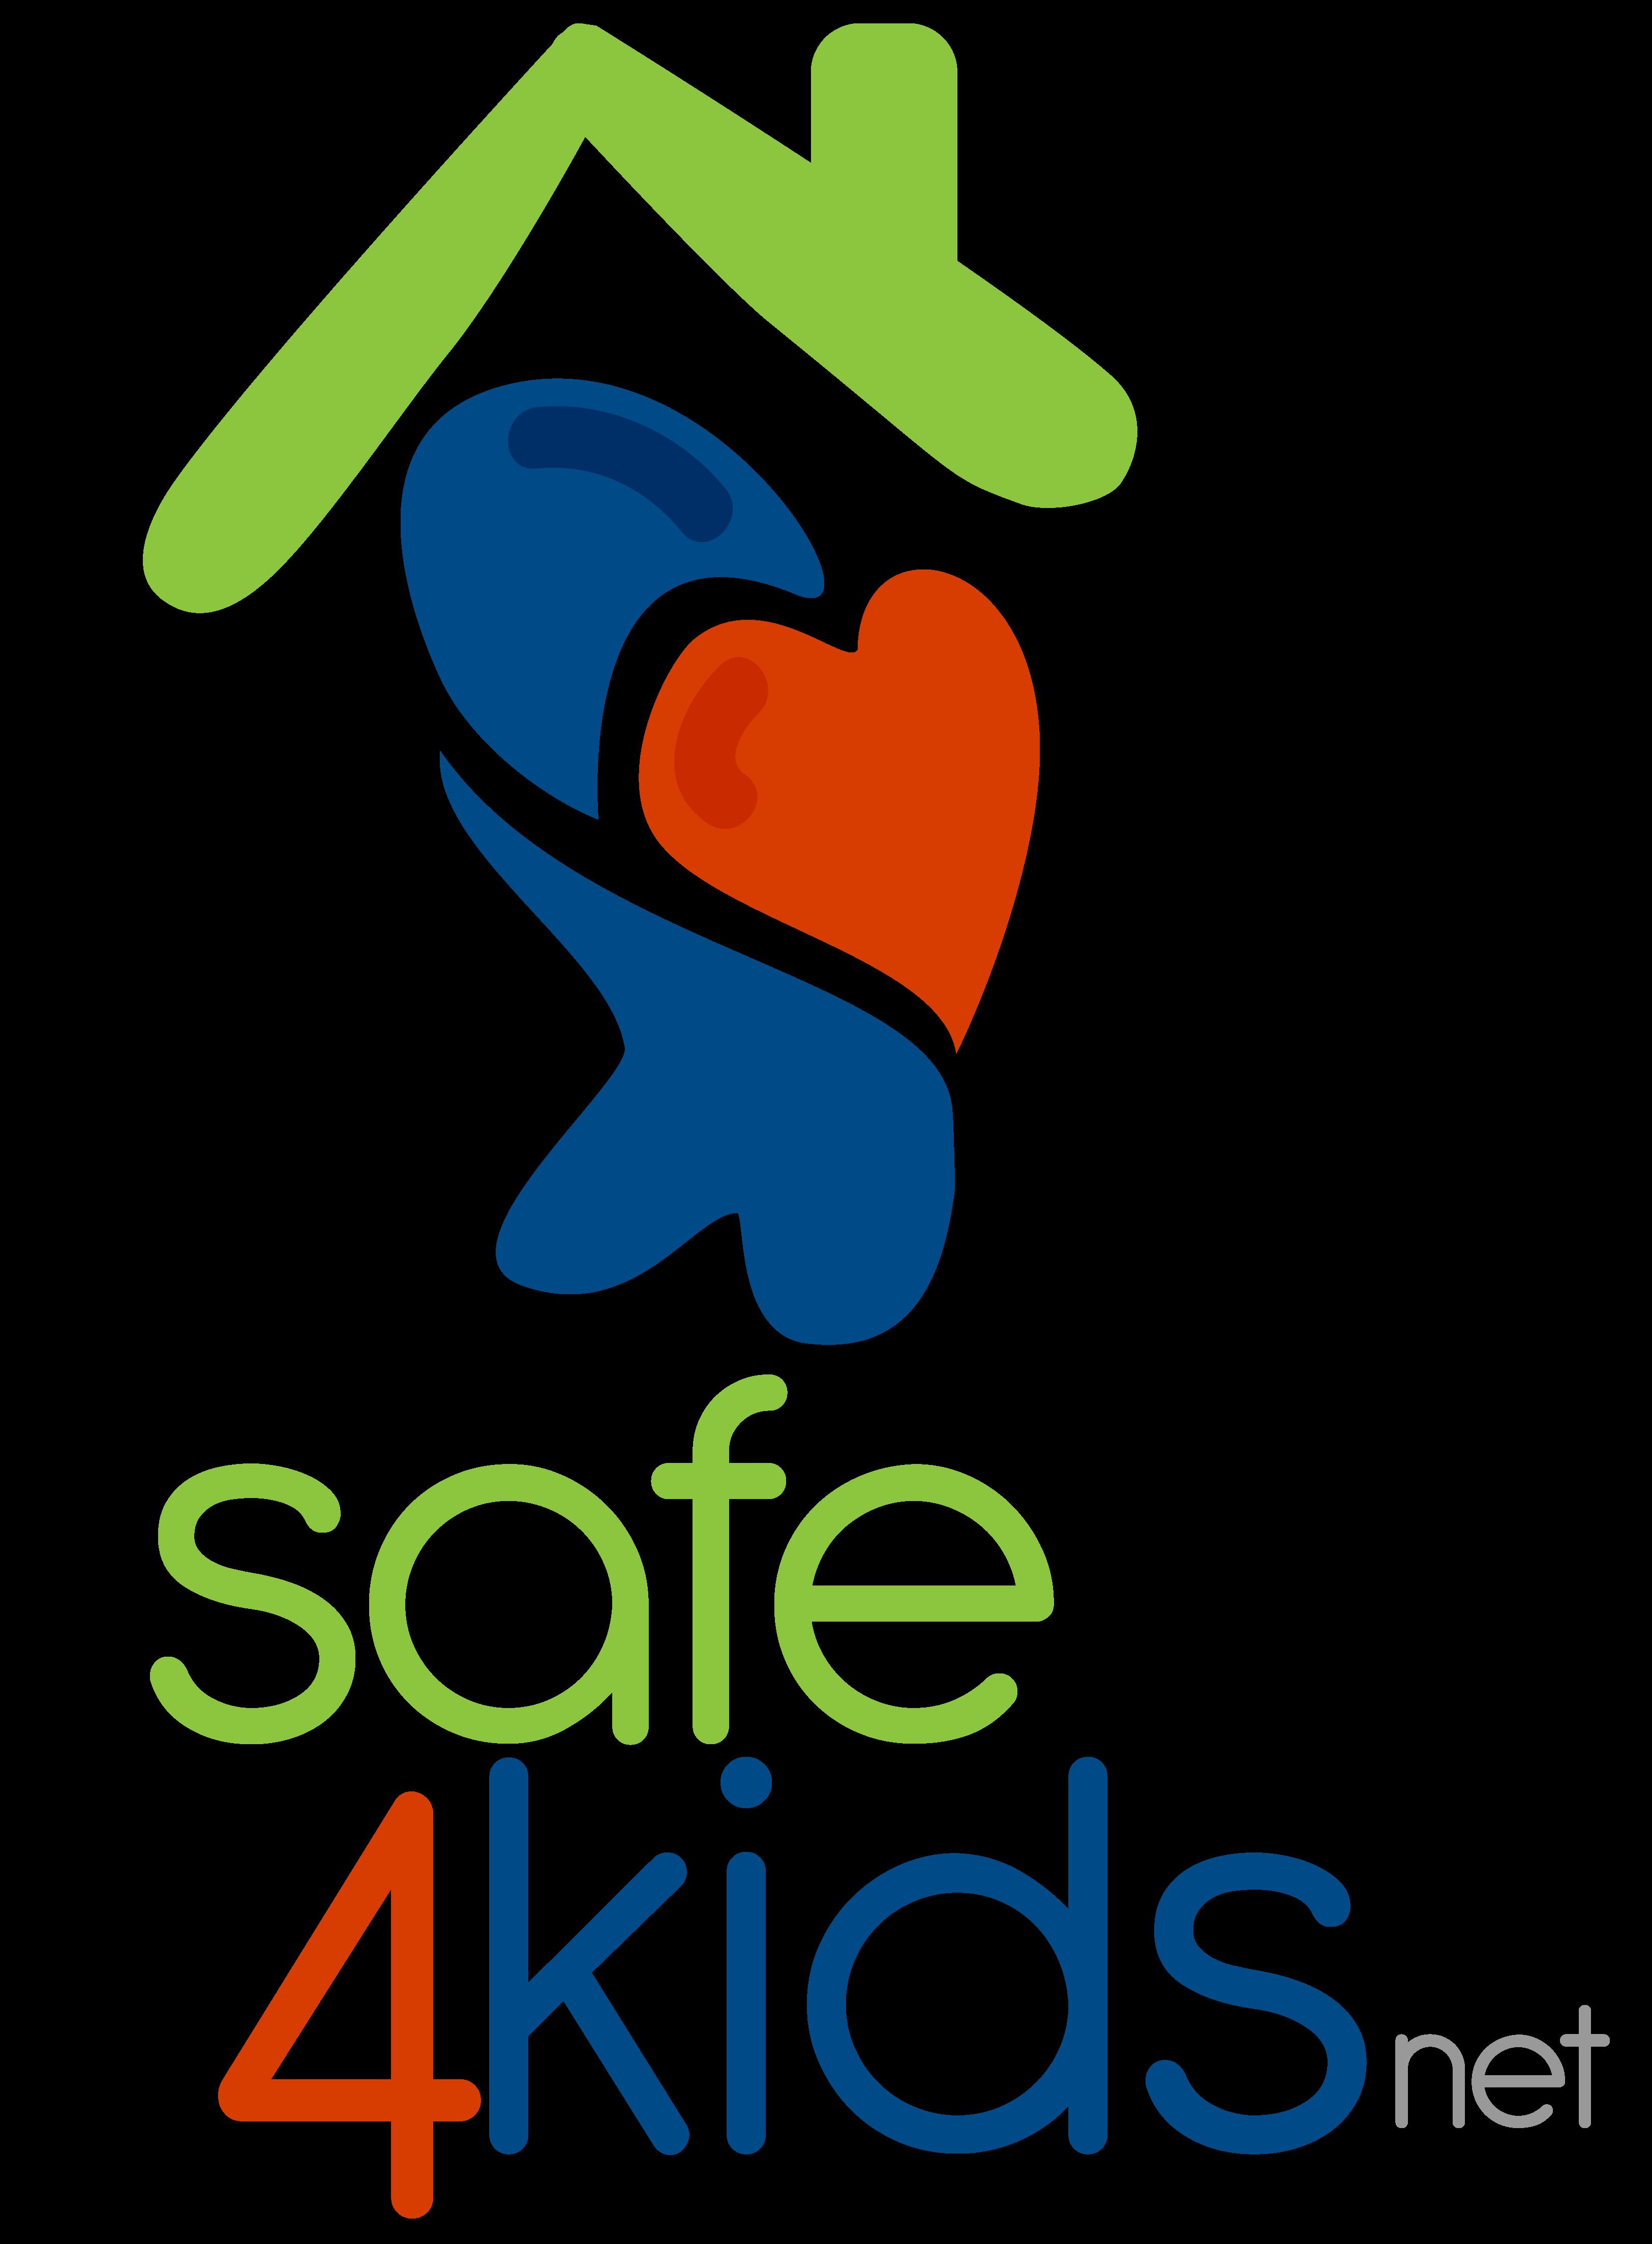 Safe4Kids